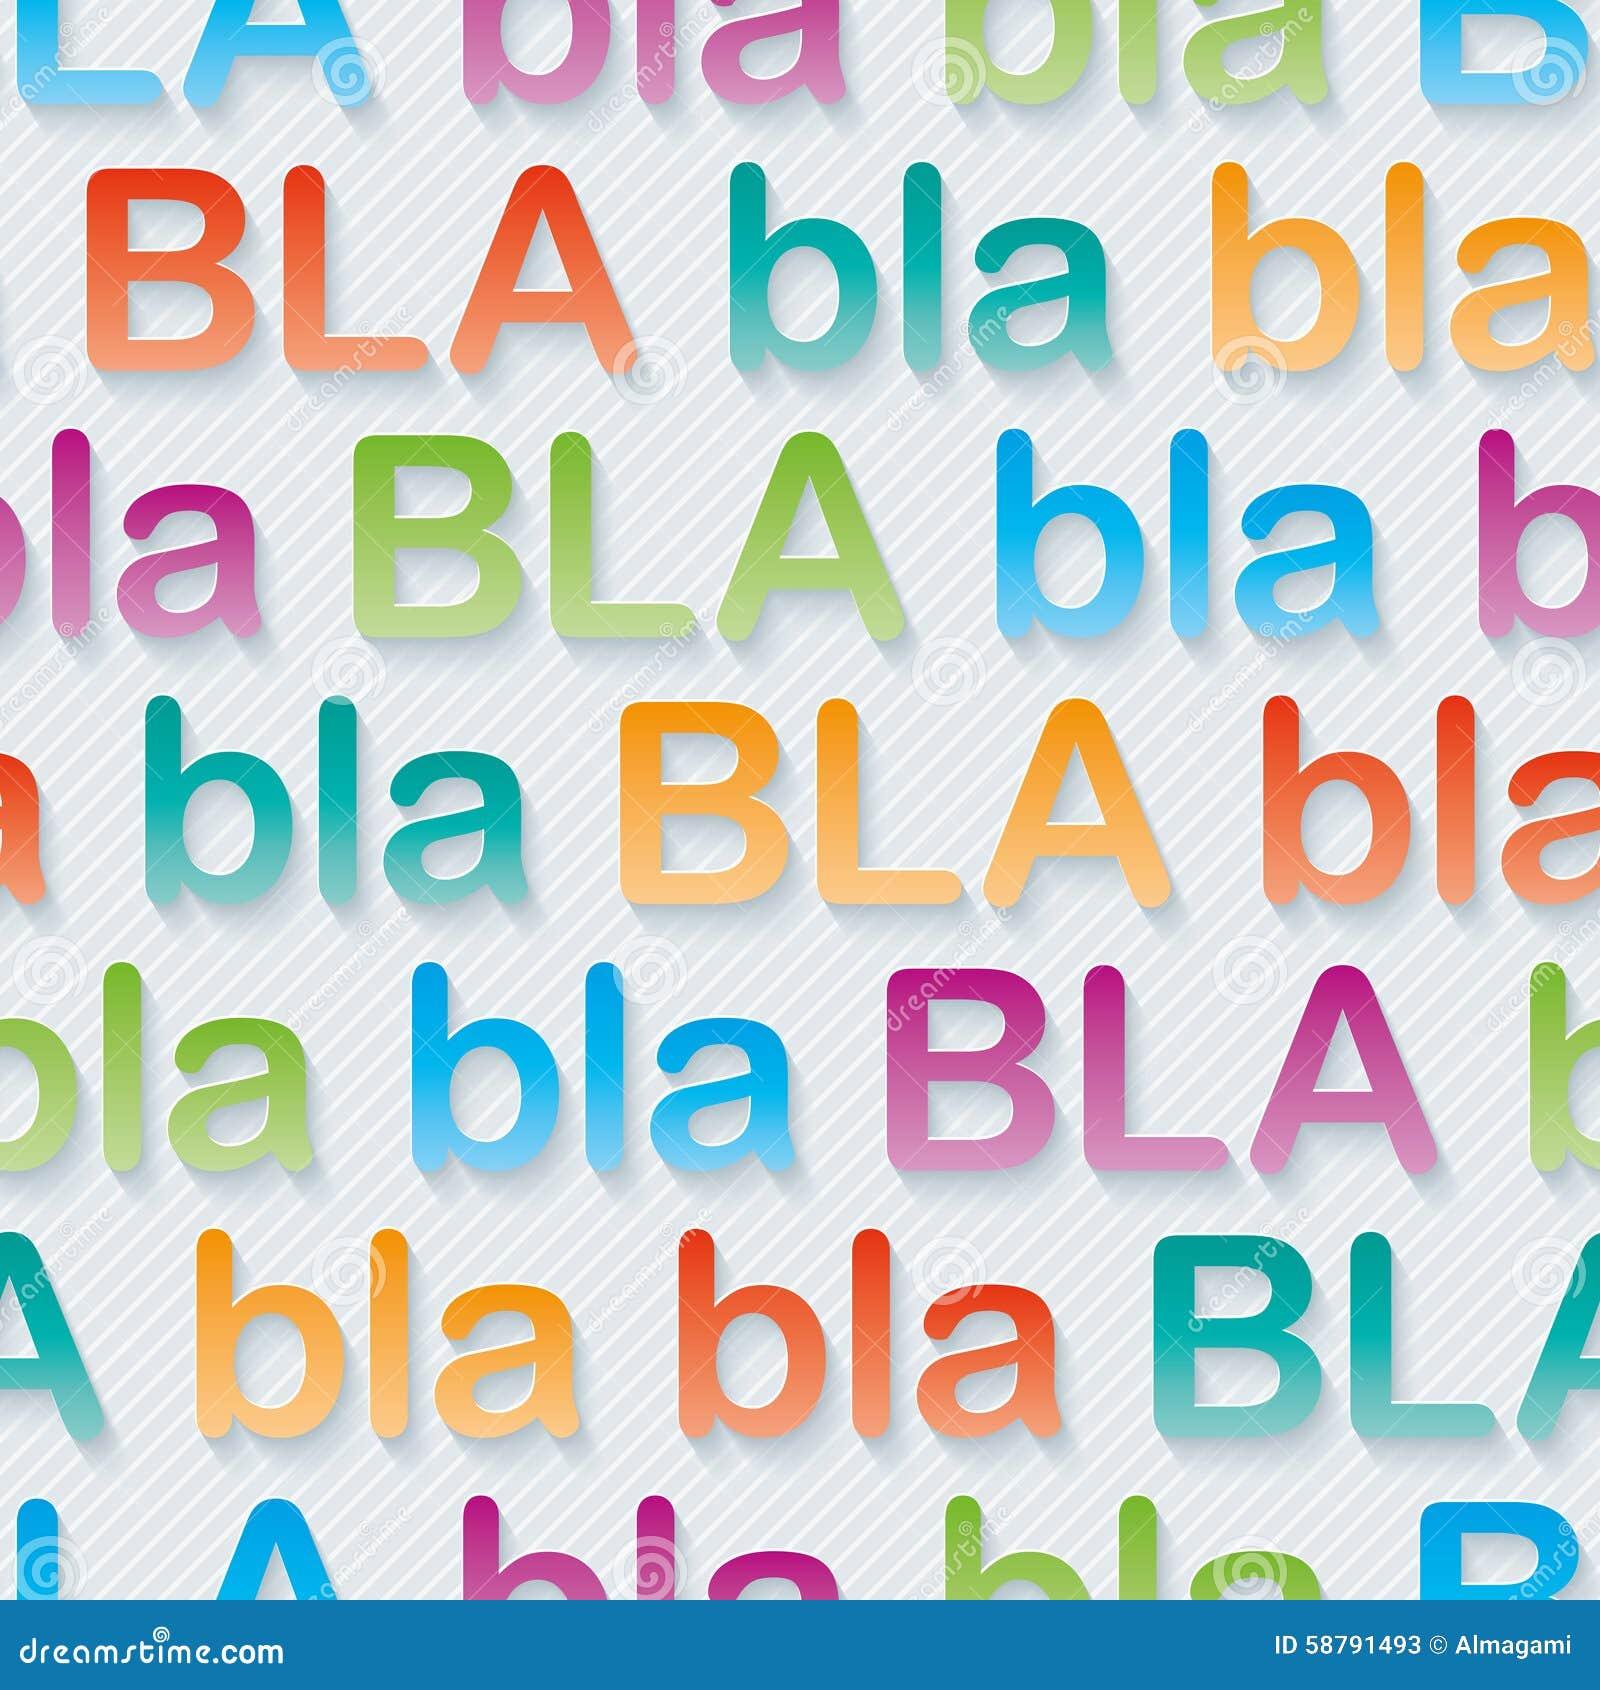 Risultati immagini per bla bla bla